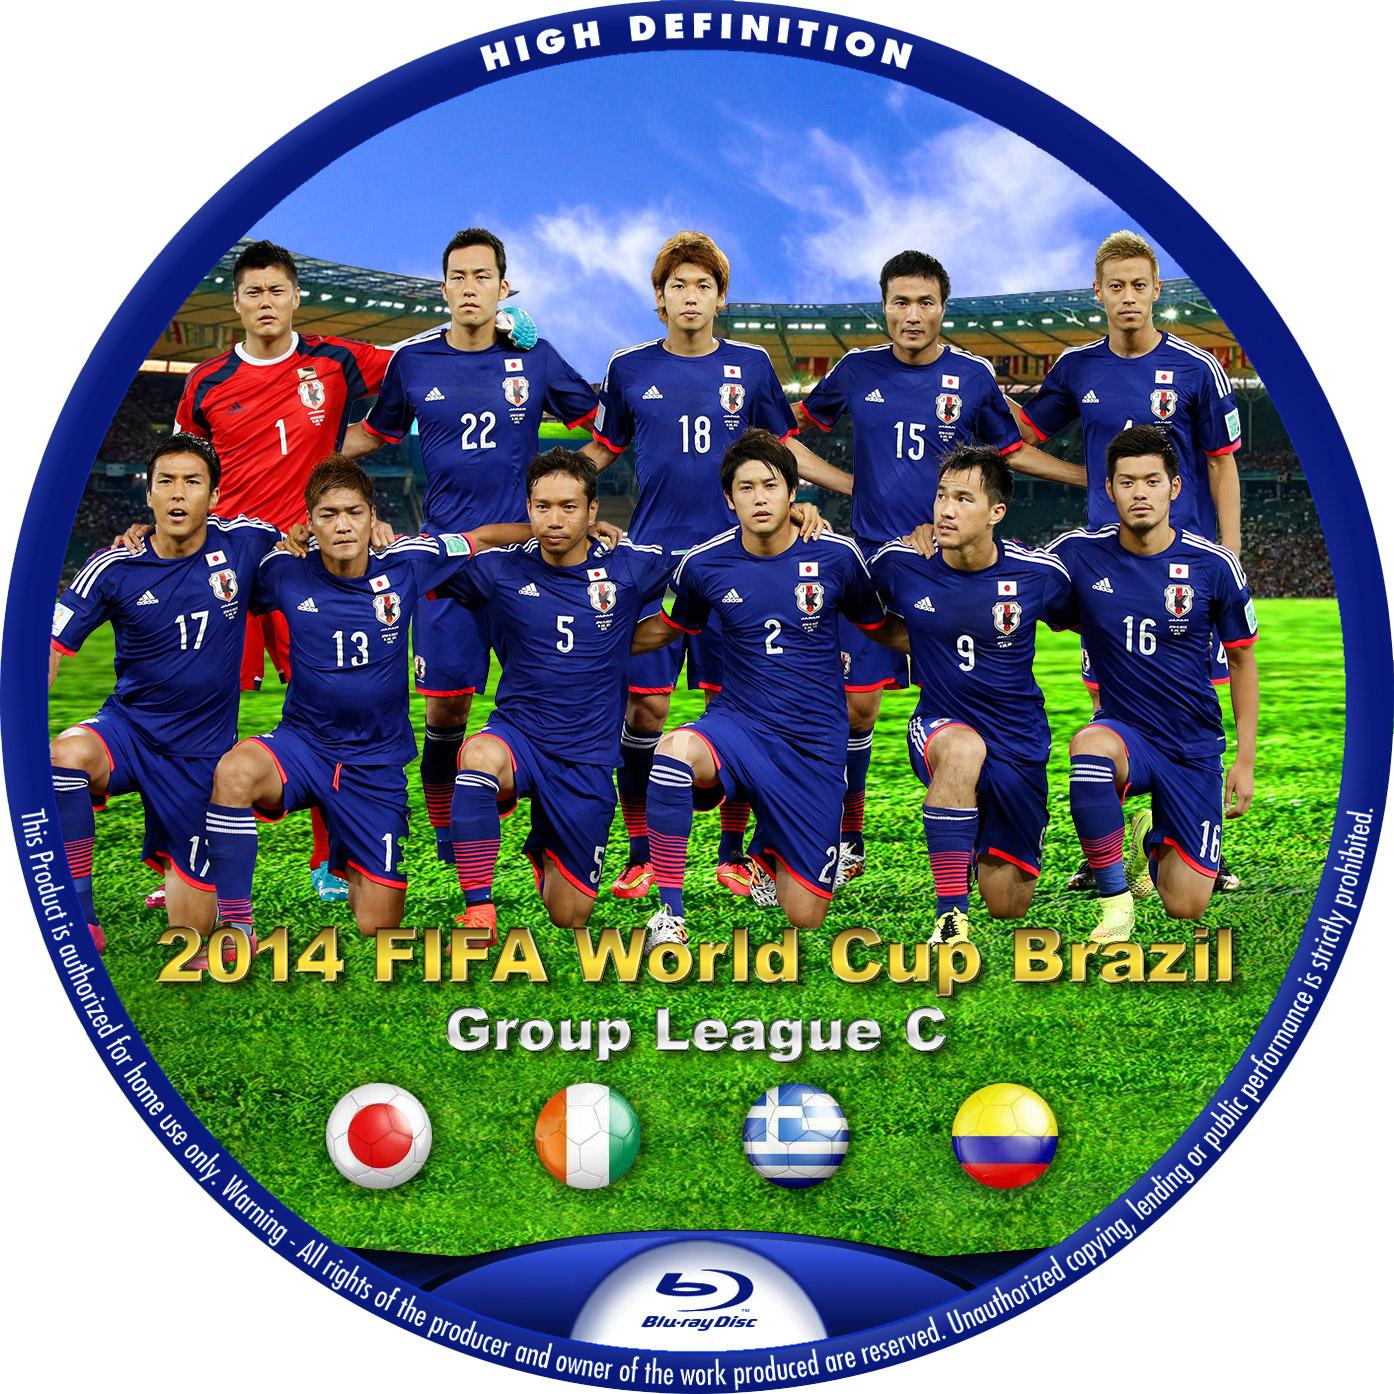 ワールドカップ 2014 ブラジル 日本代表 グループC BDラベル Blu-ray